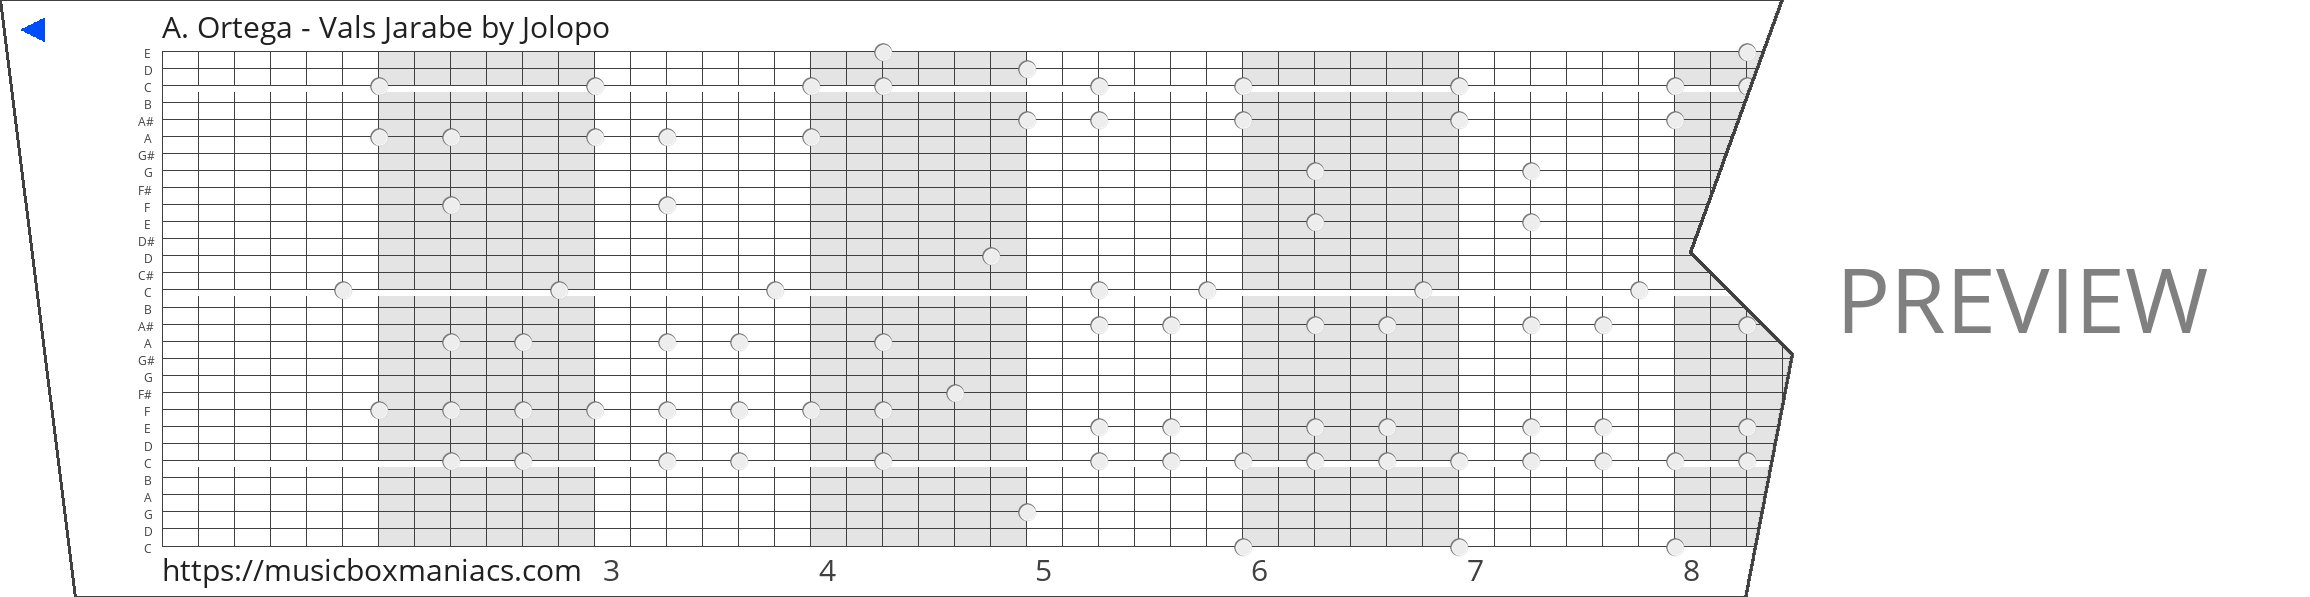 A. Ortega - Vals Jarabe 30 note music box paper strip